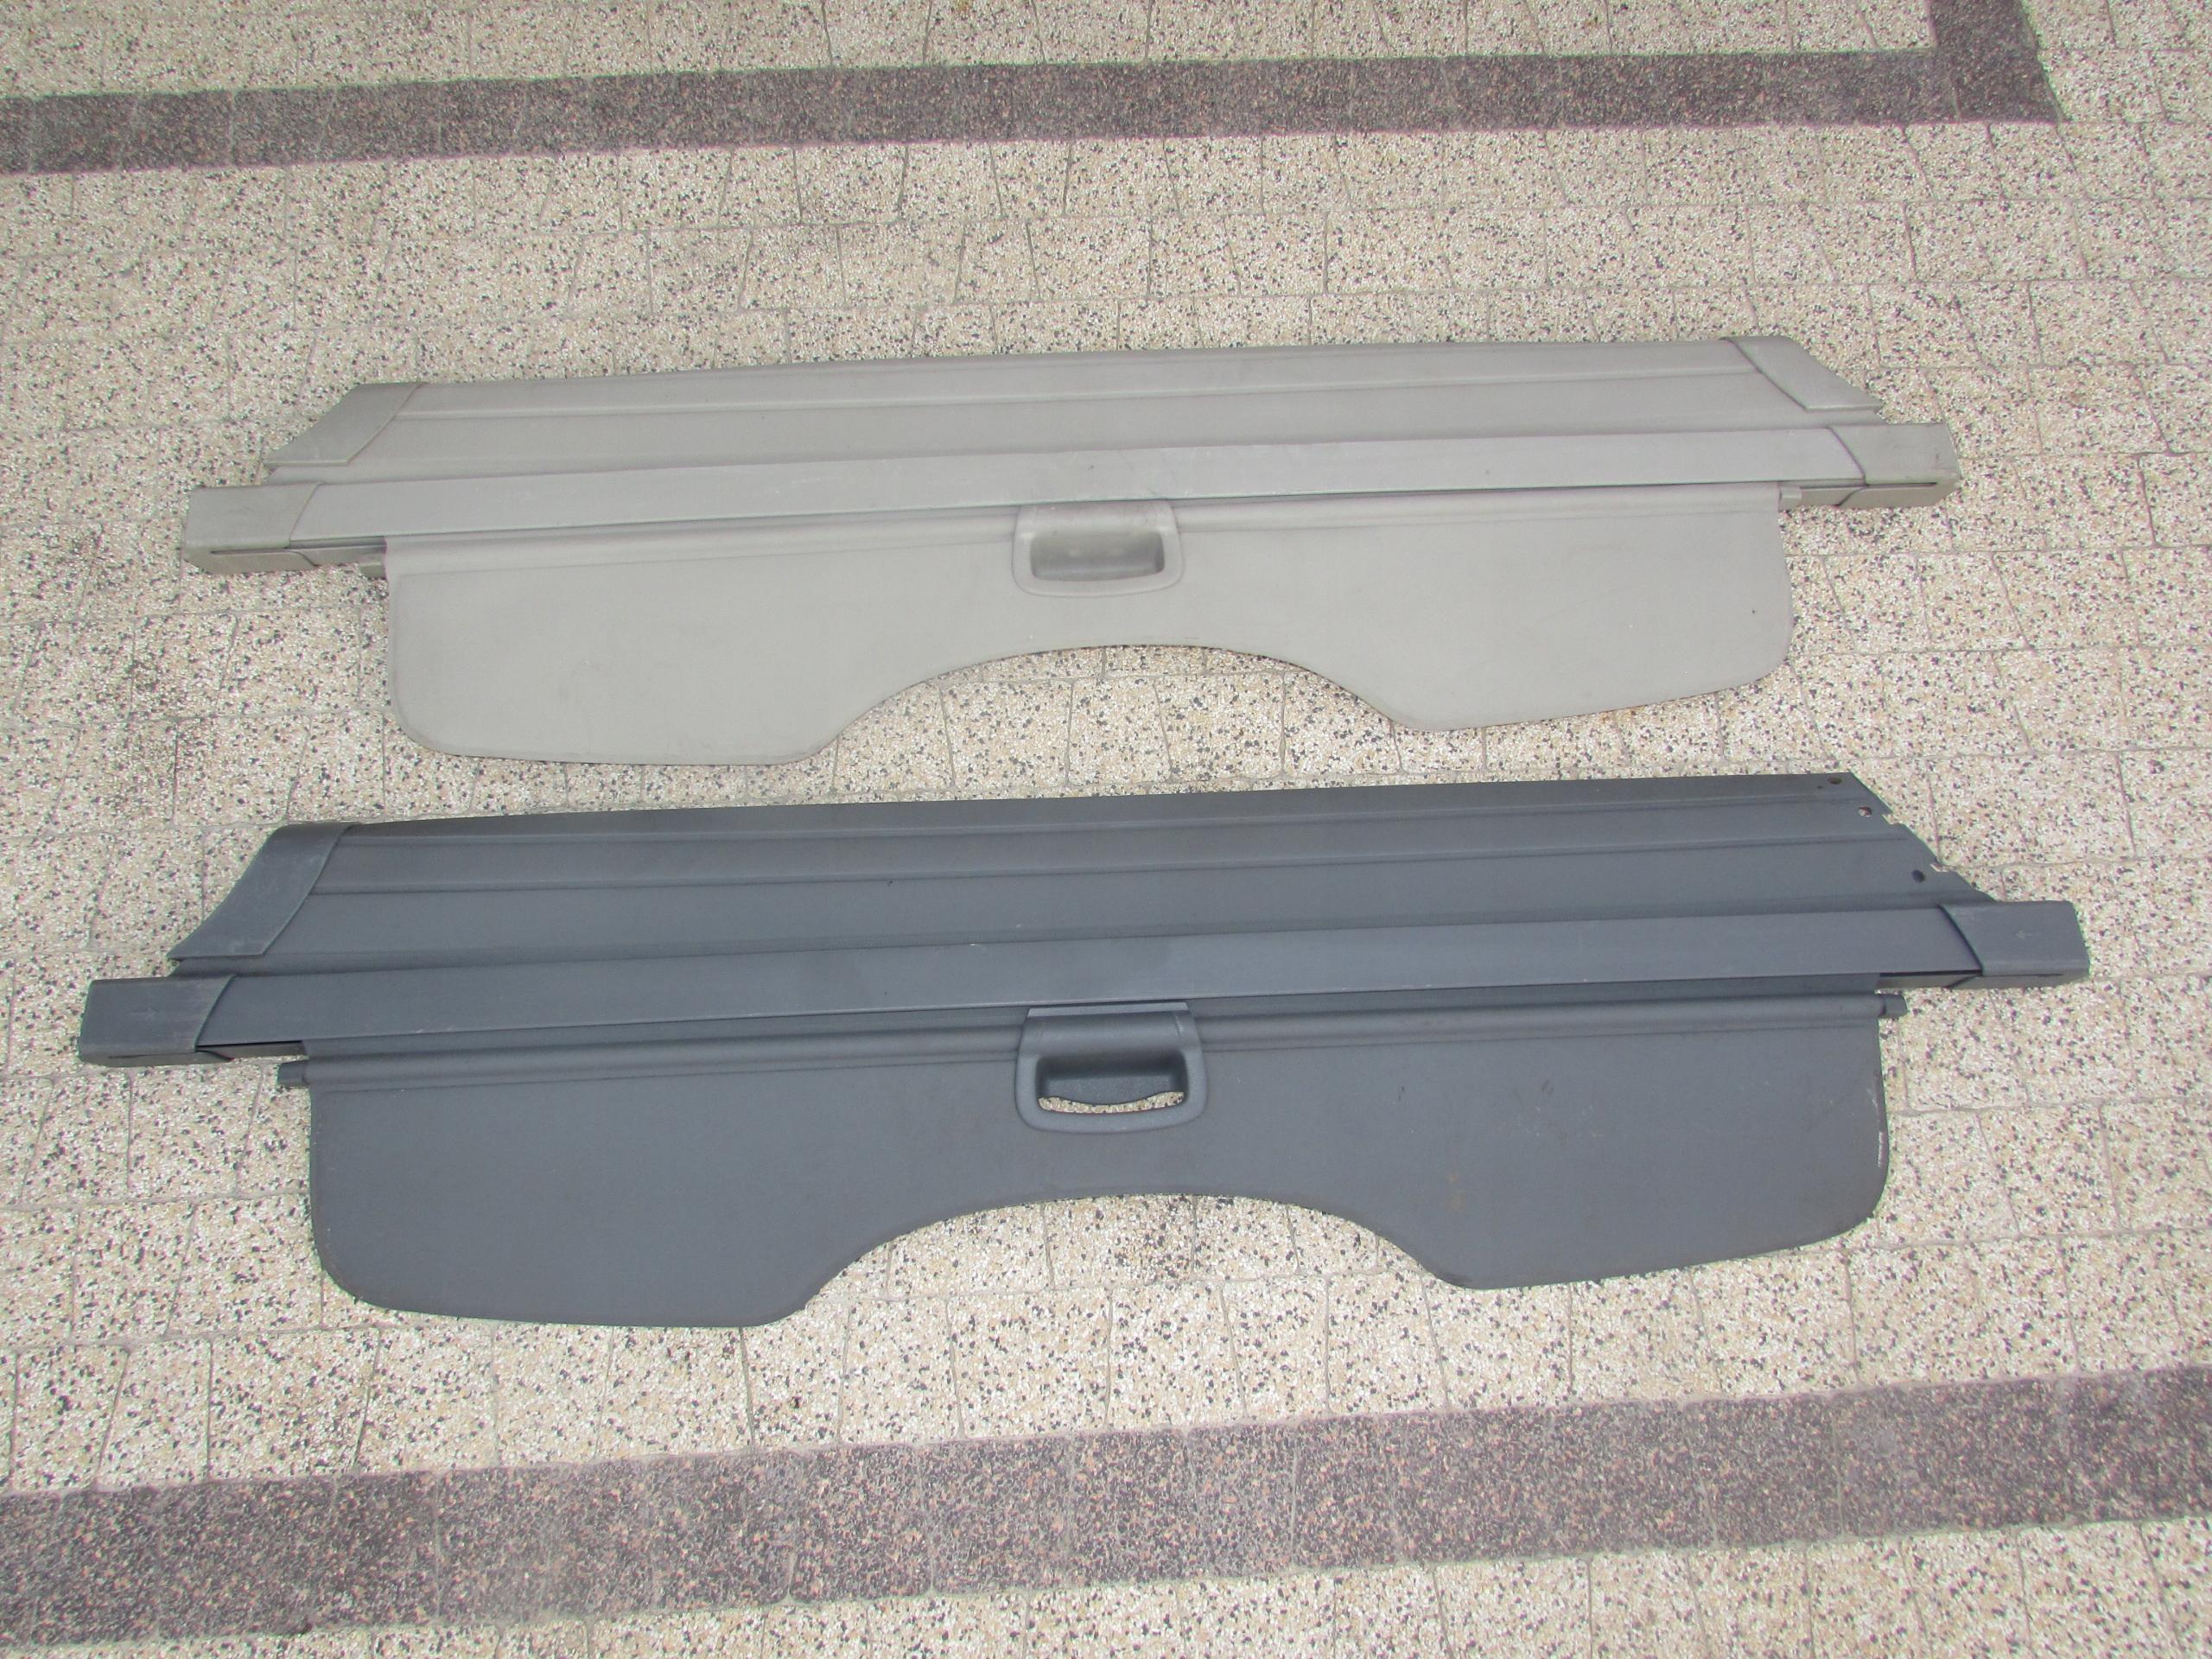 Inteligentny Roleta bagażnika ford focus mk2 kolory - 7479472526 - oficjalne JM27